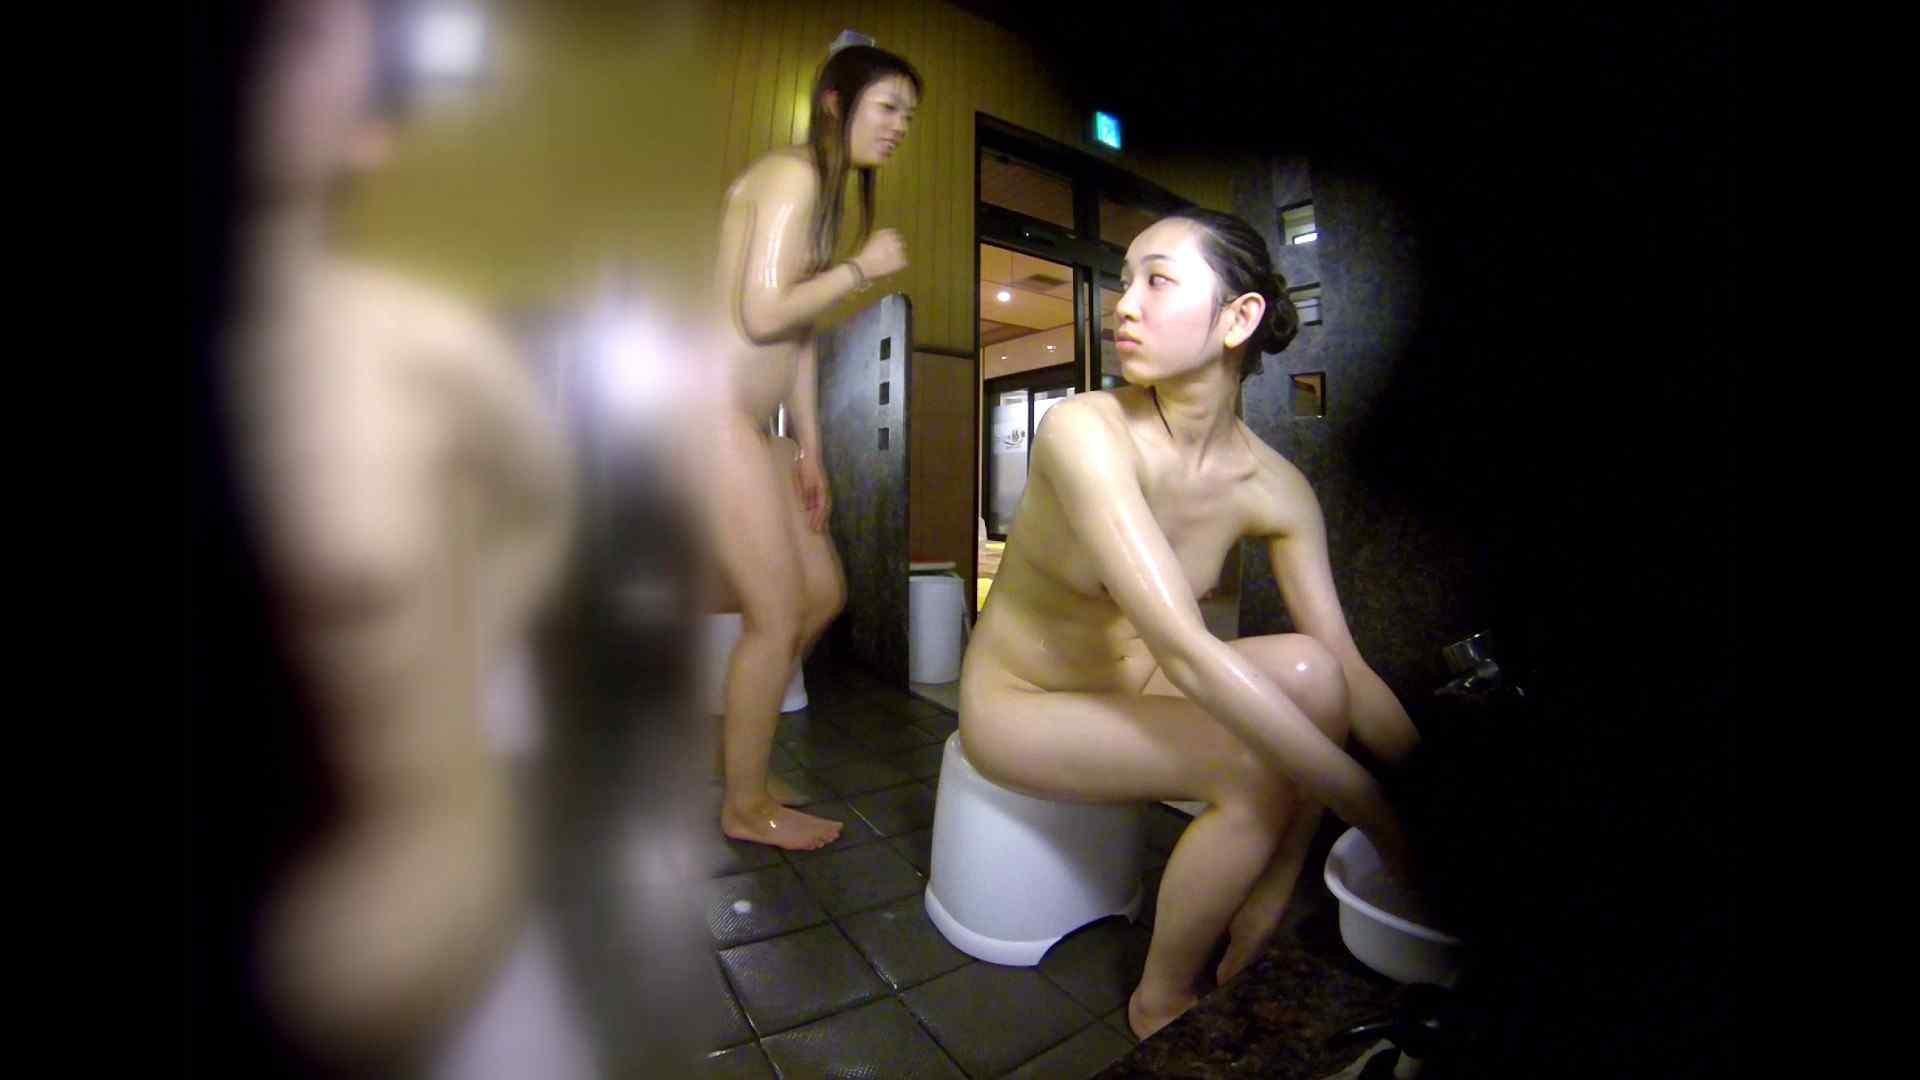 洗い場!チラチラ見てくる理想のボディの清楚さん 女湯のぞき エロ画像 79枚 73